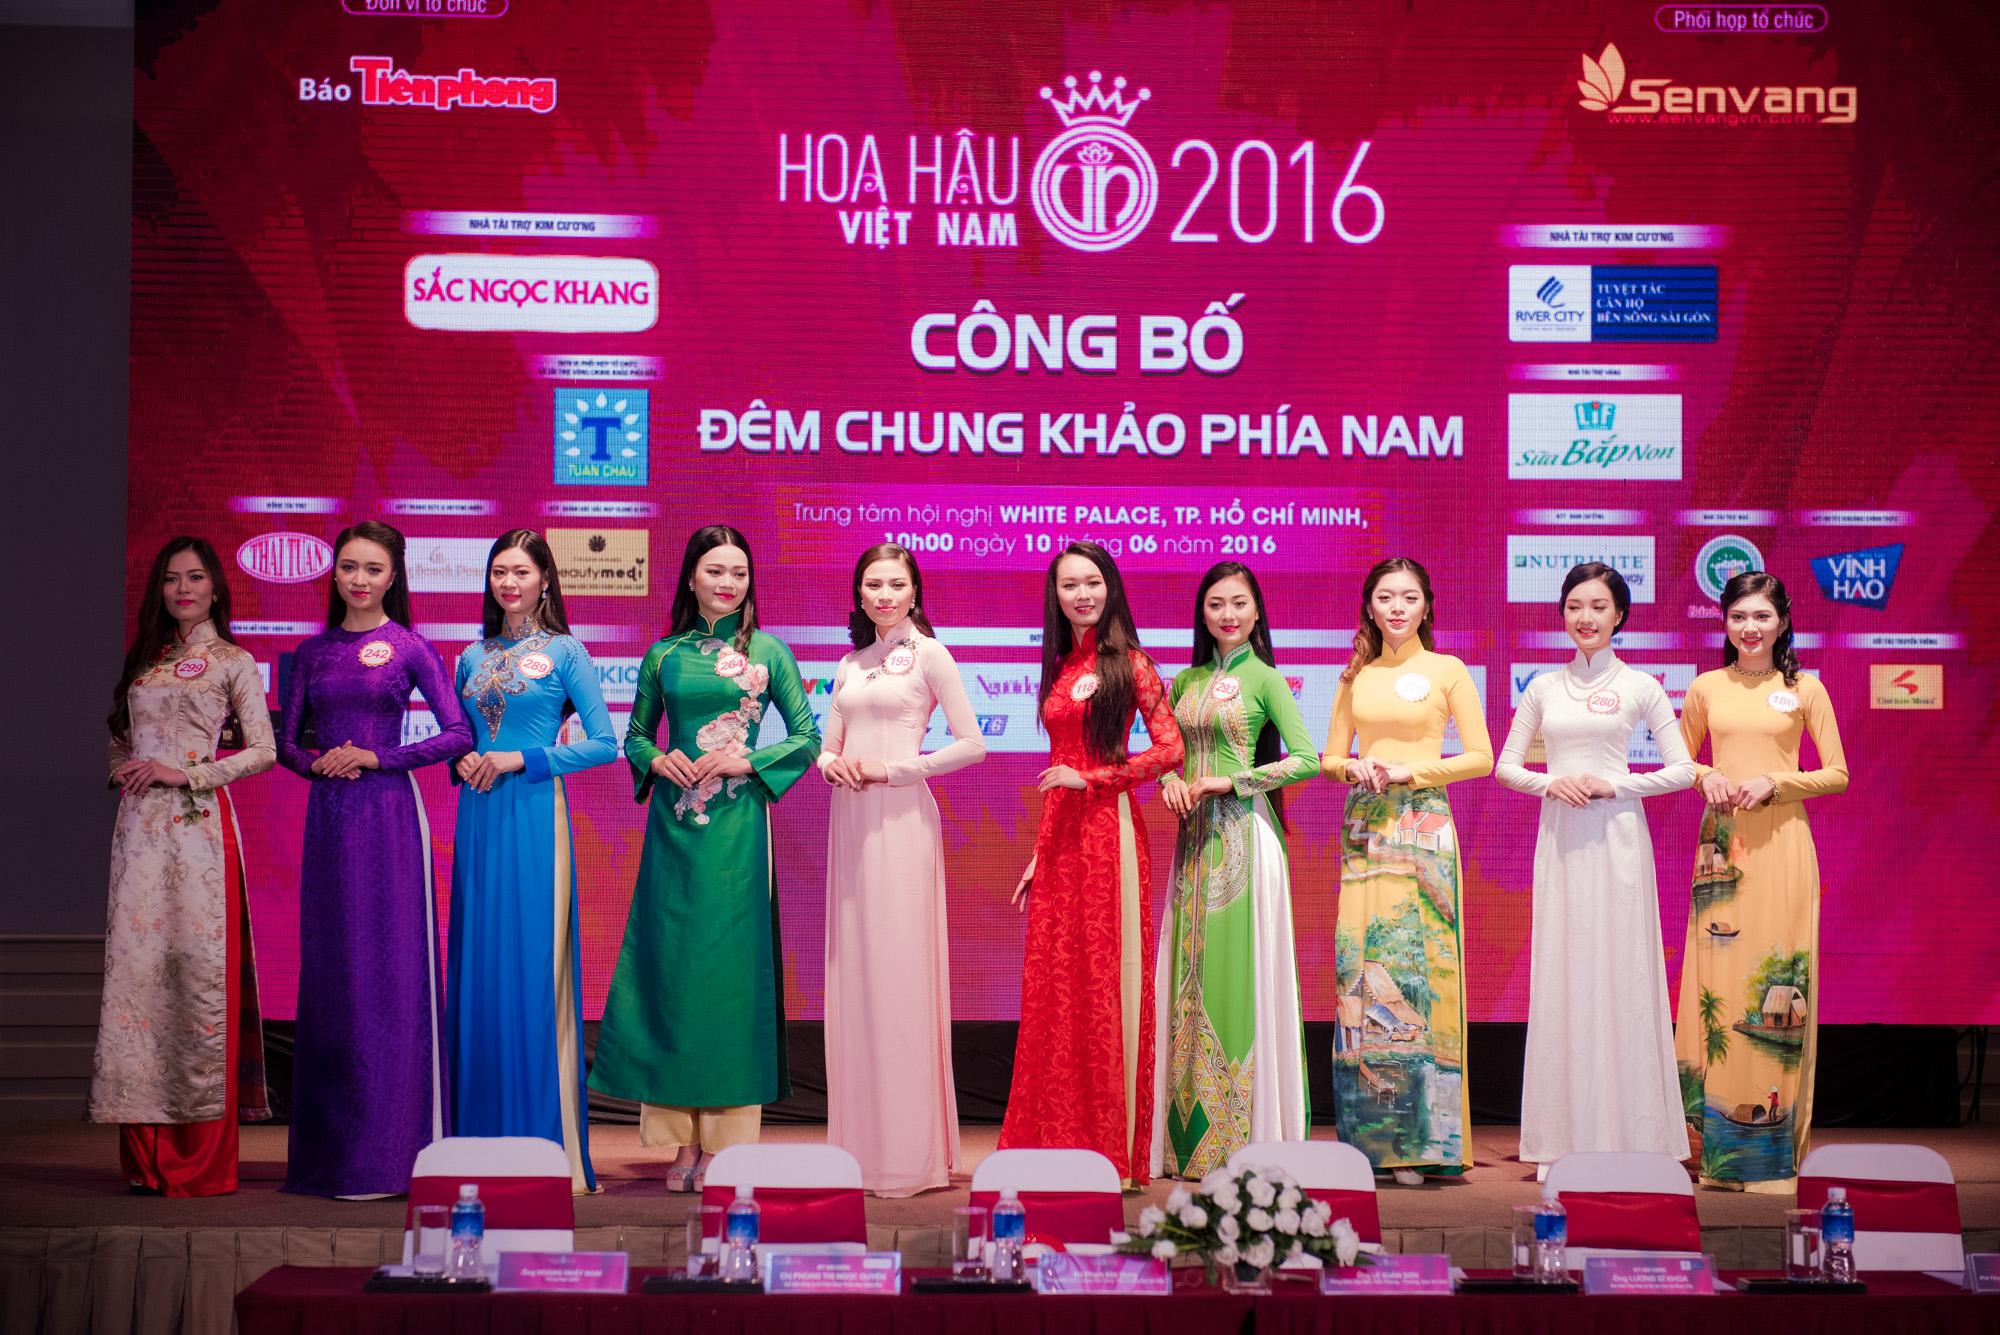 """""""Hoàng tử một mí"""" Bi Rain là khách mời đặc biệt chung kết Hoa hậu Việt Nam 2016 - Ảnh 2"""